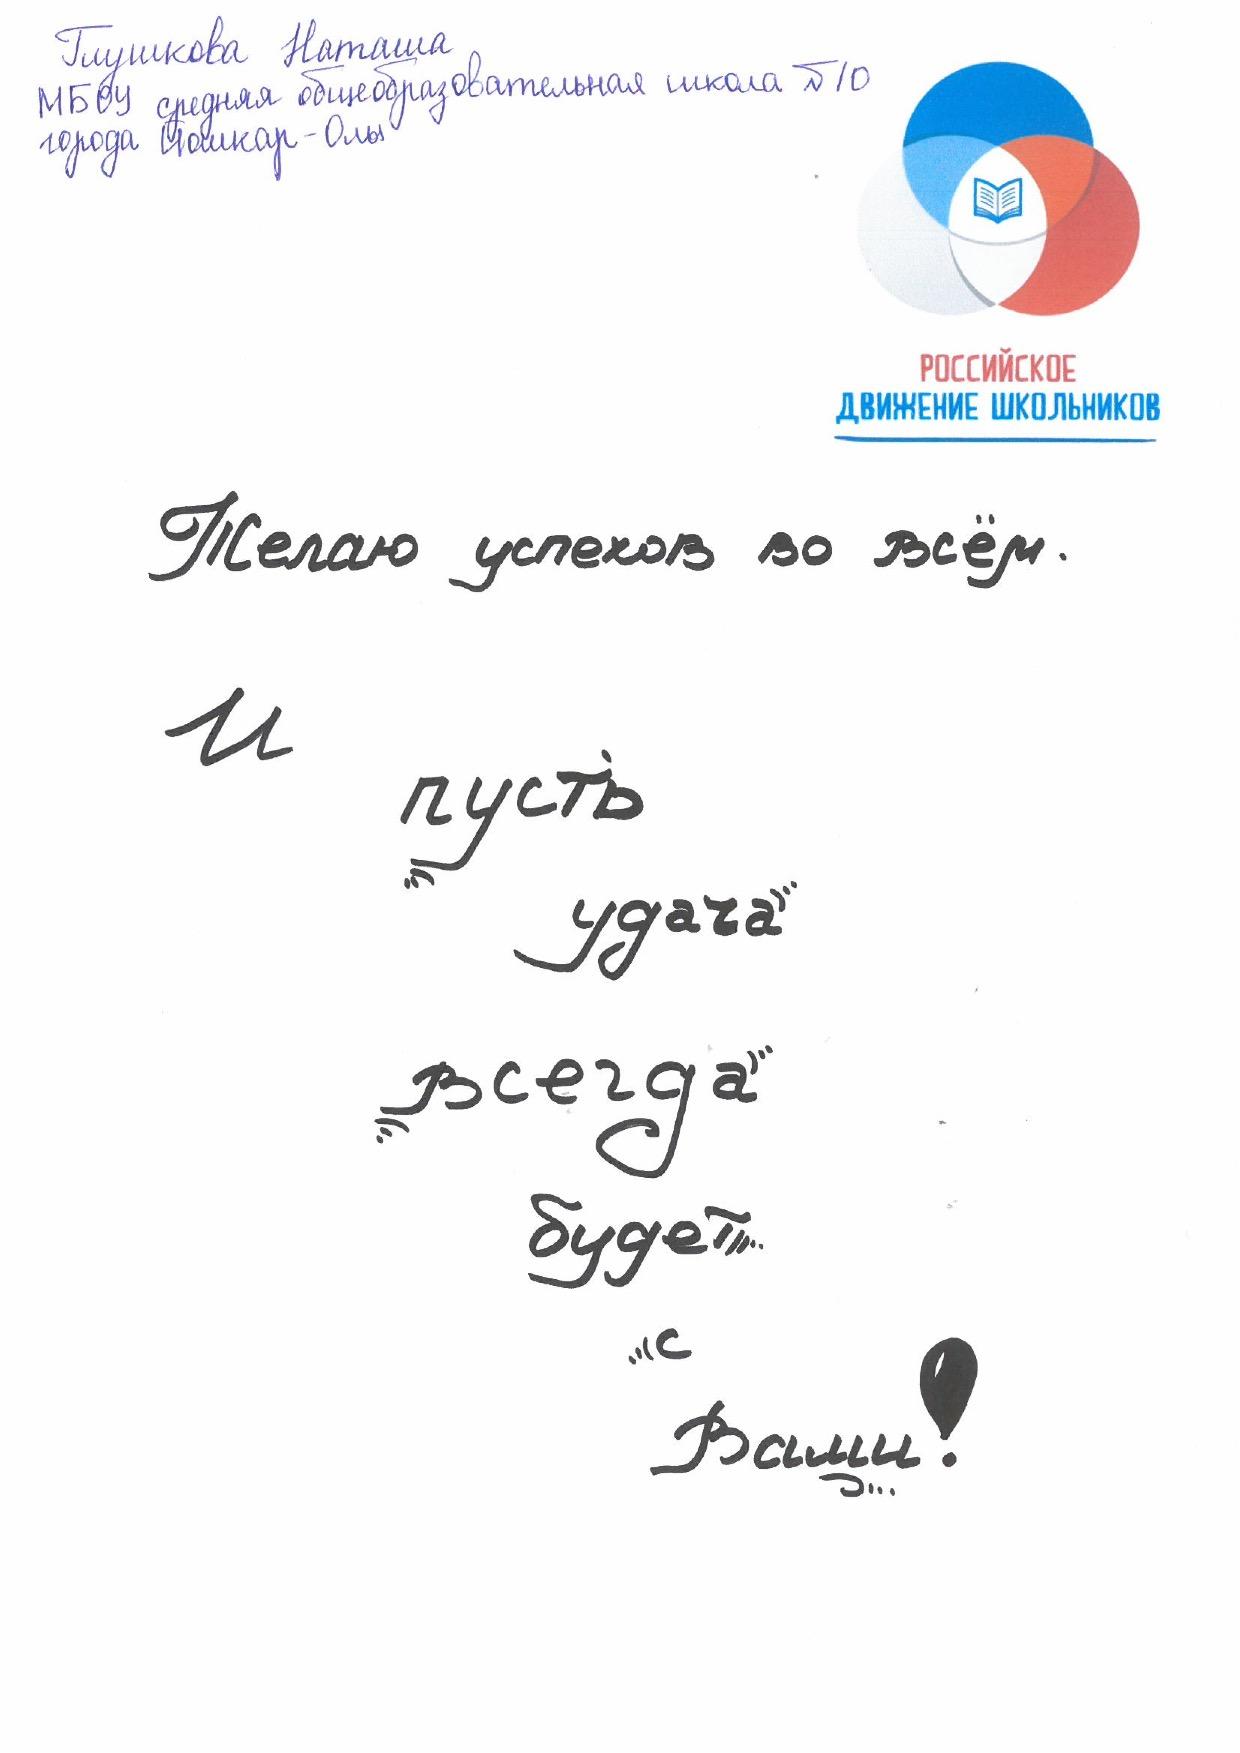 Н.С. Валуев направил в ПКР слова поддержки российским паралимпийцам от Российского движения школьников Республики Марий Эл